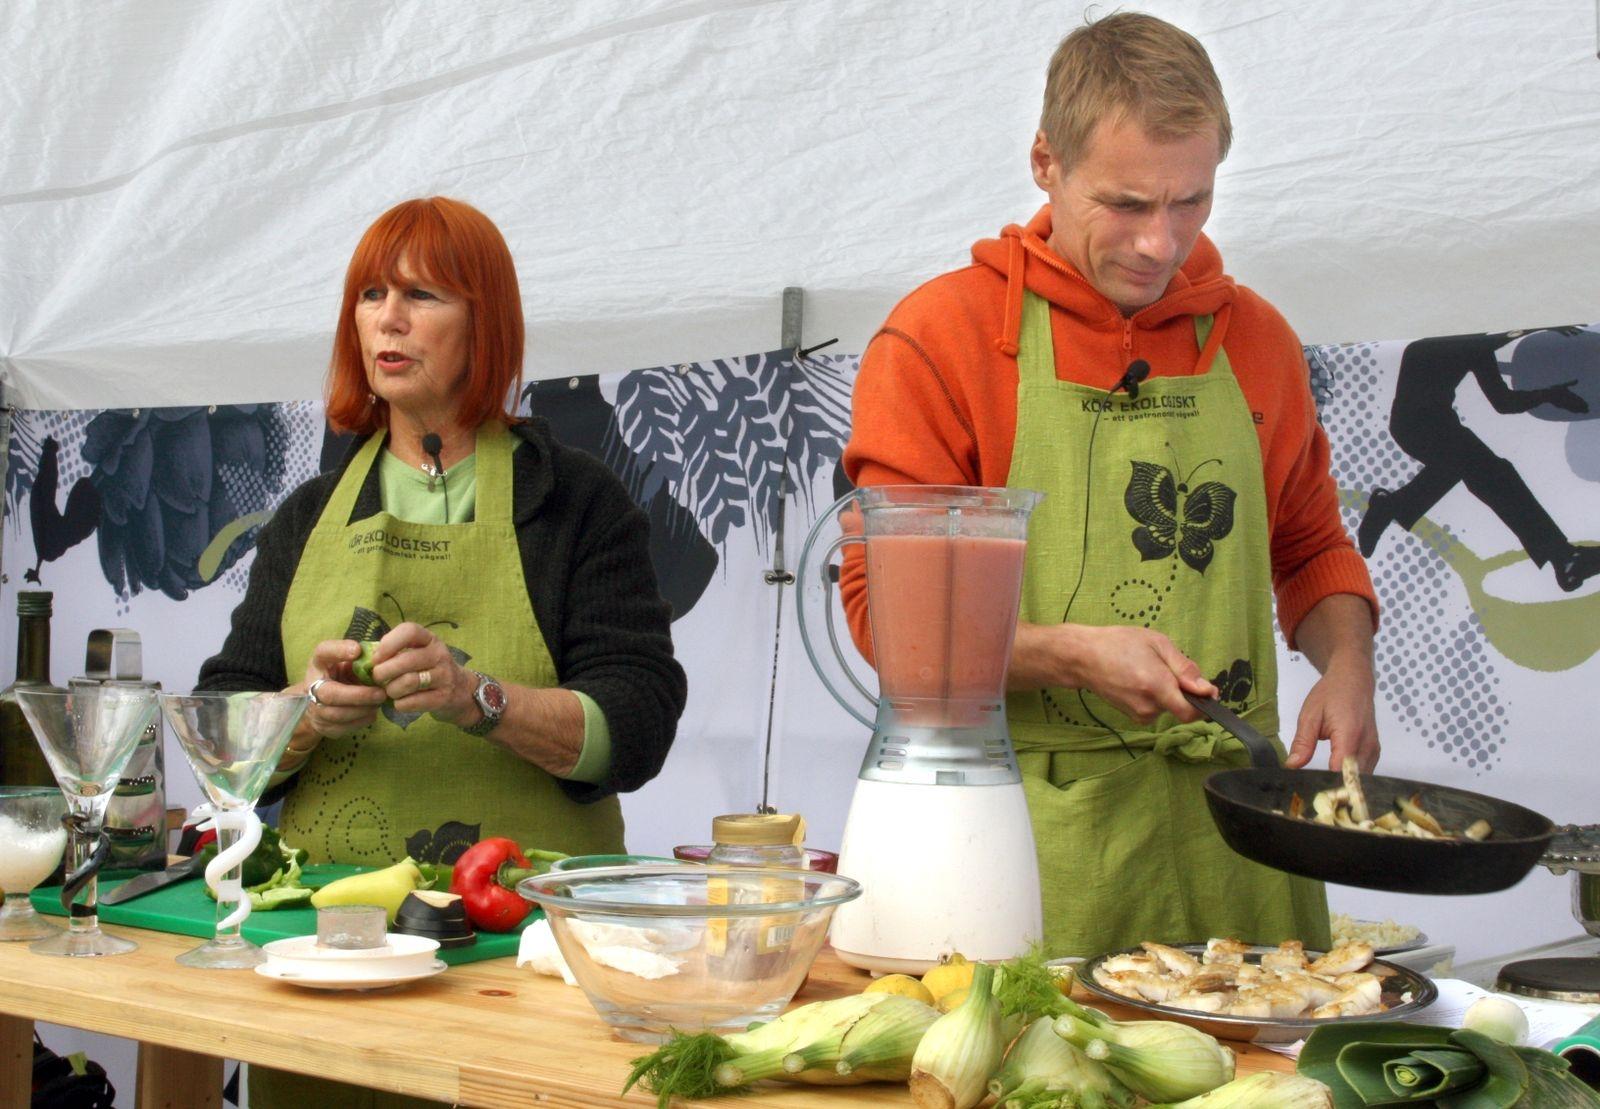 Konstnären Ulrica Hydman-Vallien lagade till ekologiska läckerheter tillsammans med kocken Rune Kalf-Hansen på Stortorget.